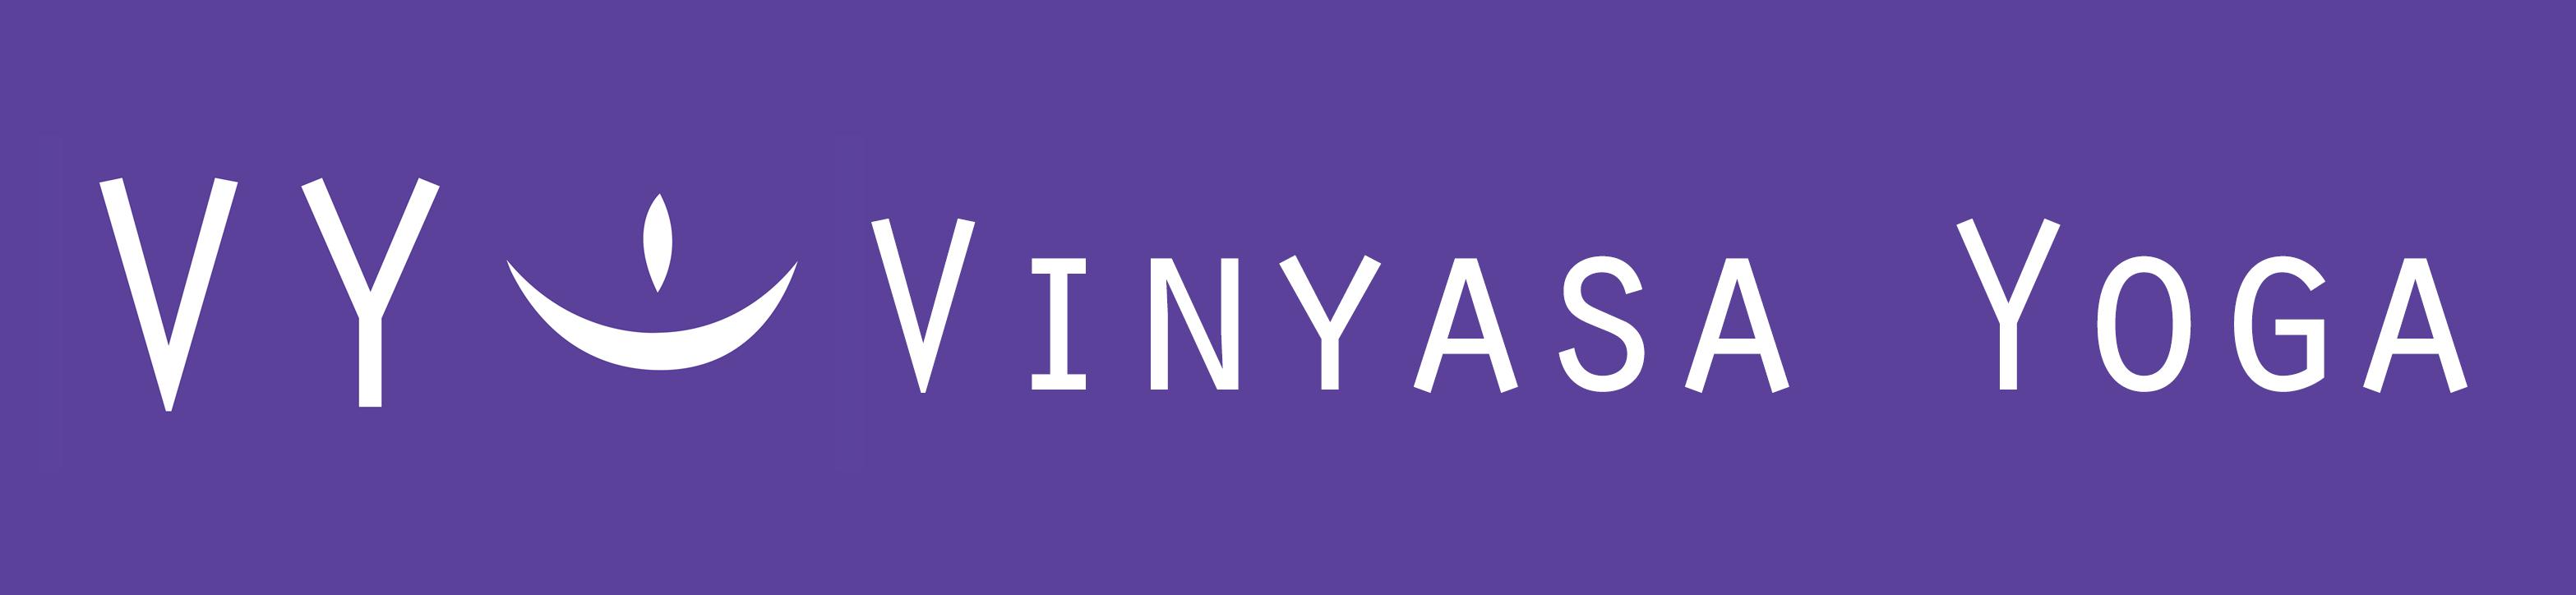 VY Vinyasa Yoga